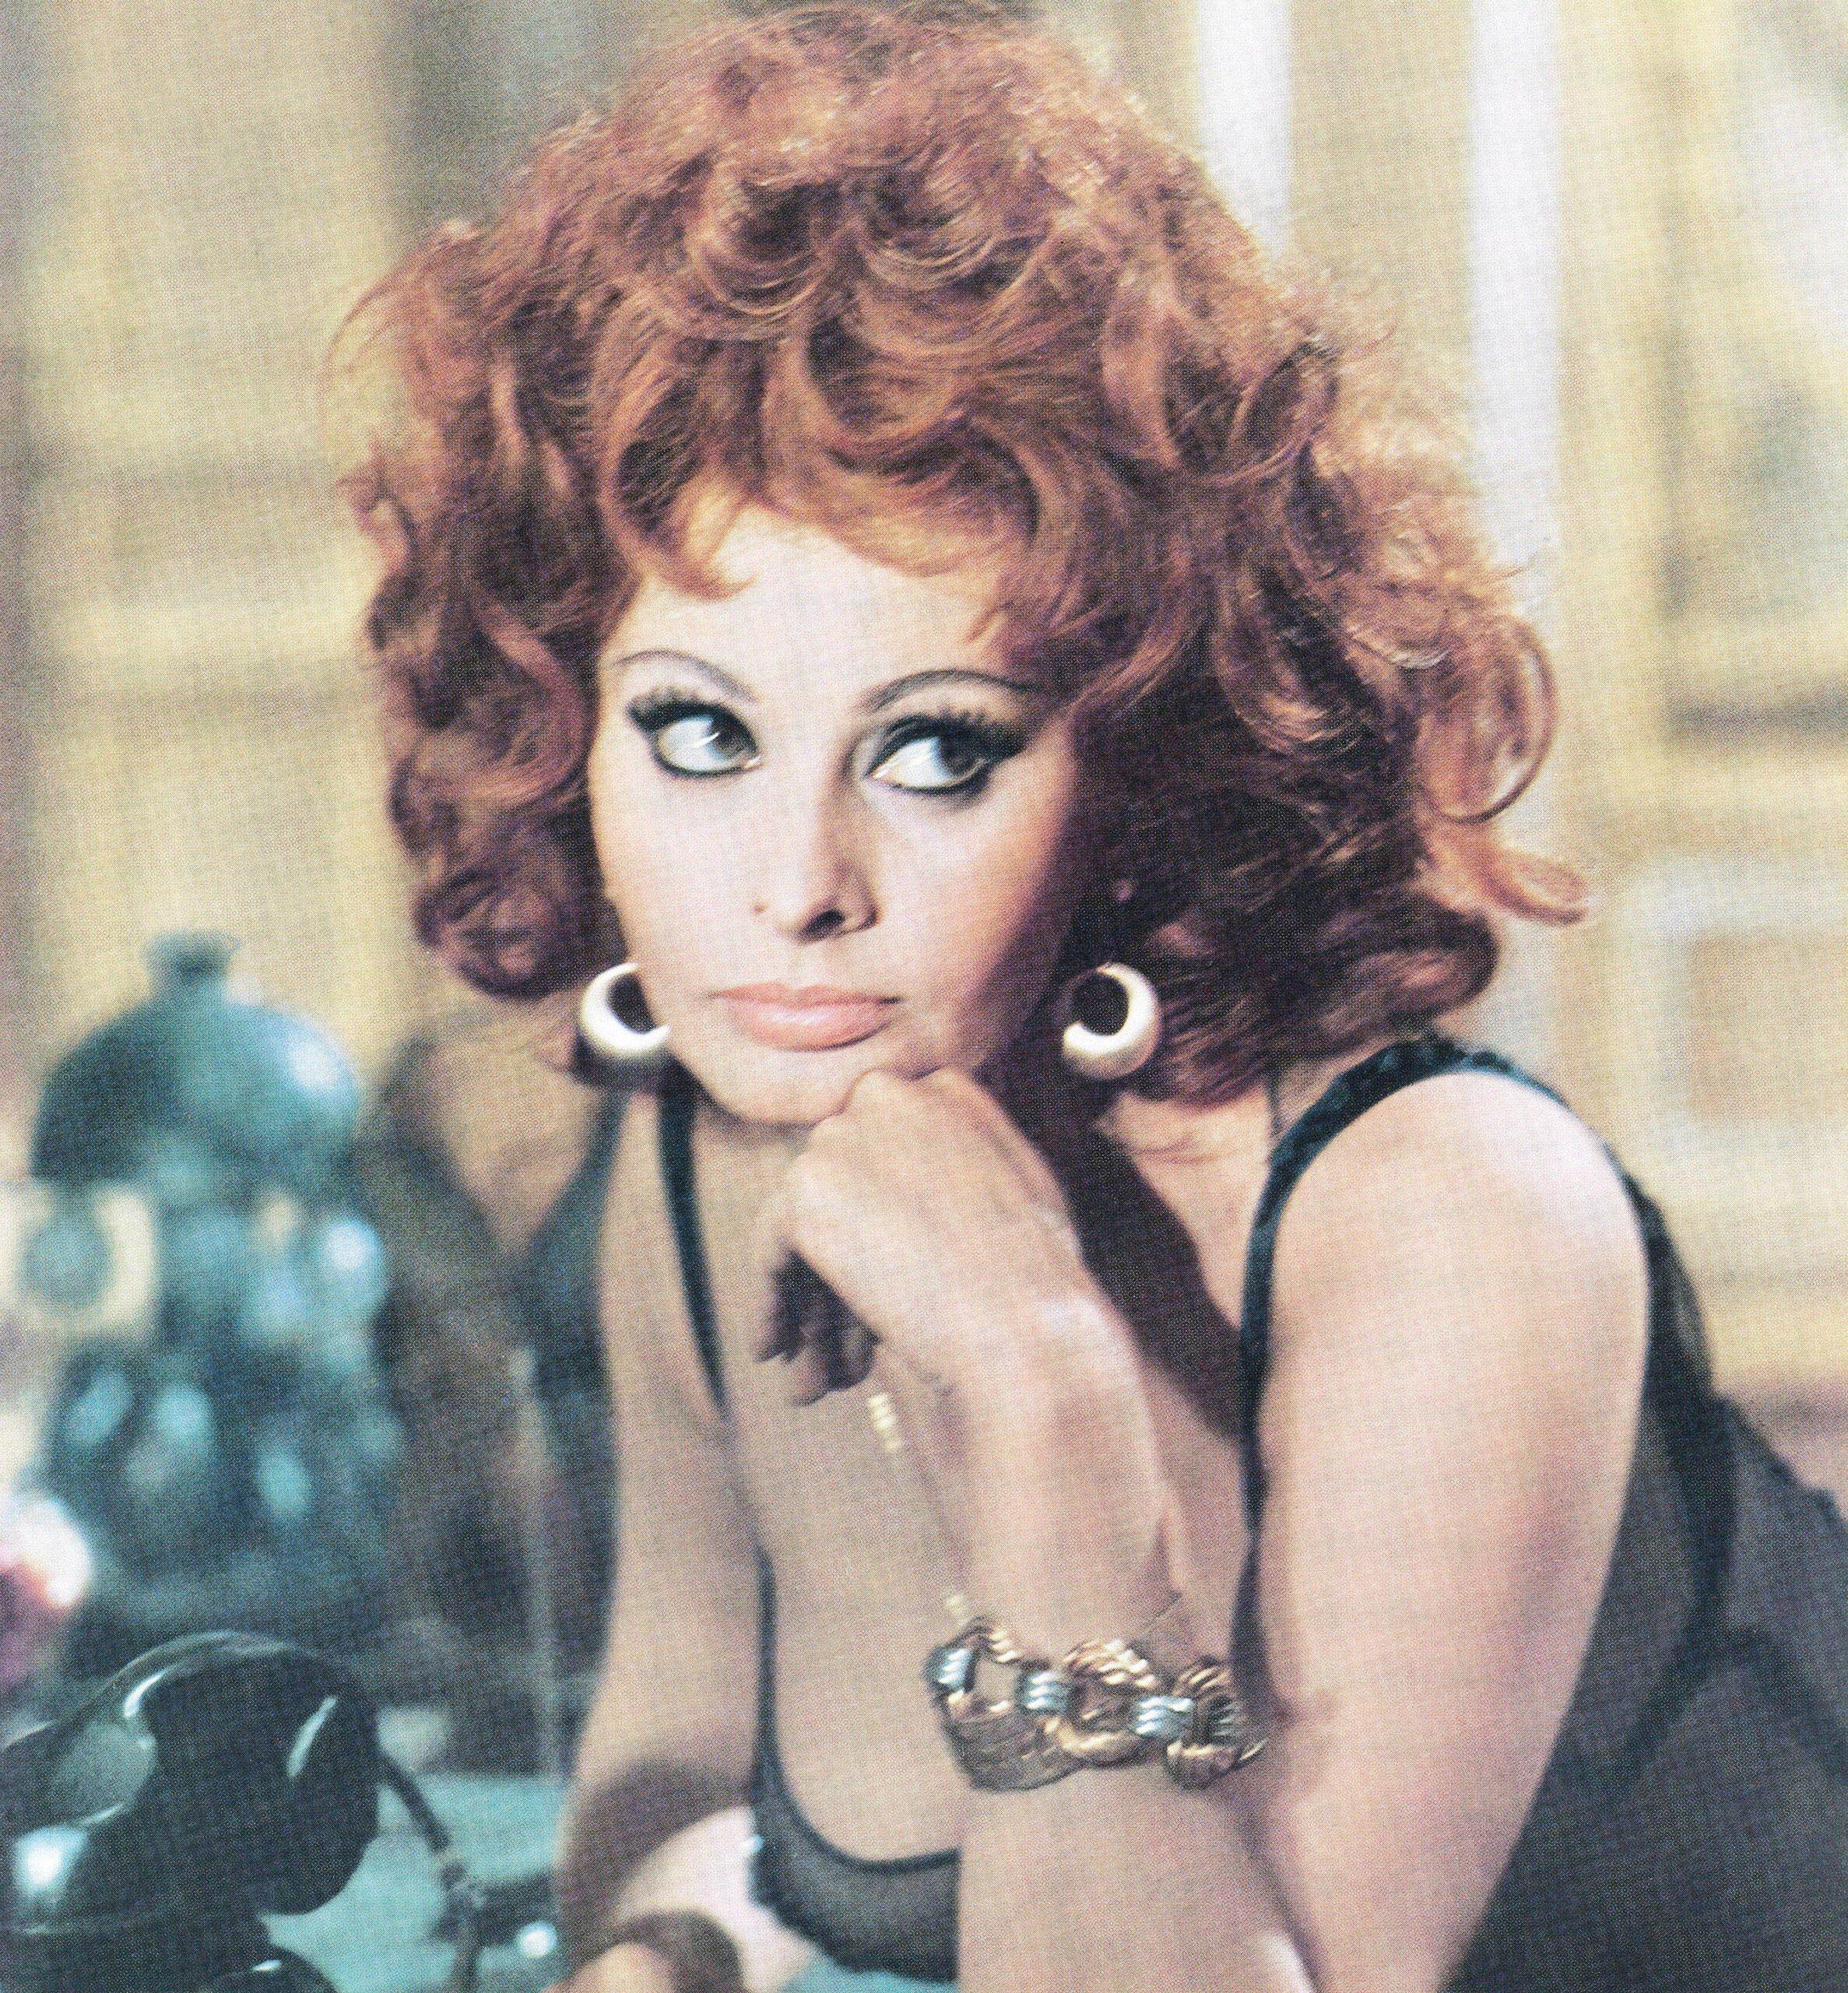 sophia loren in the 1960s